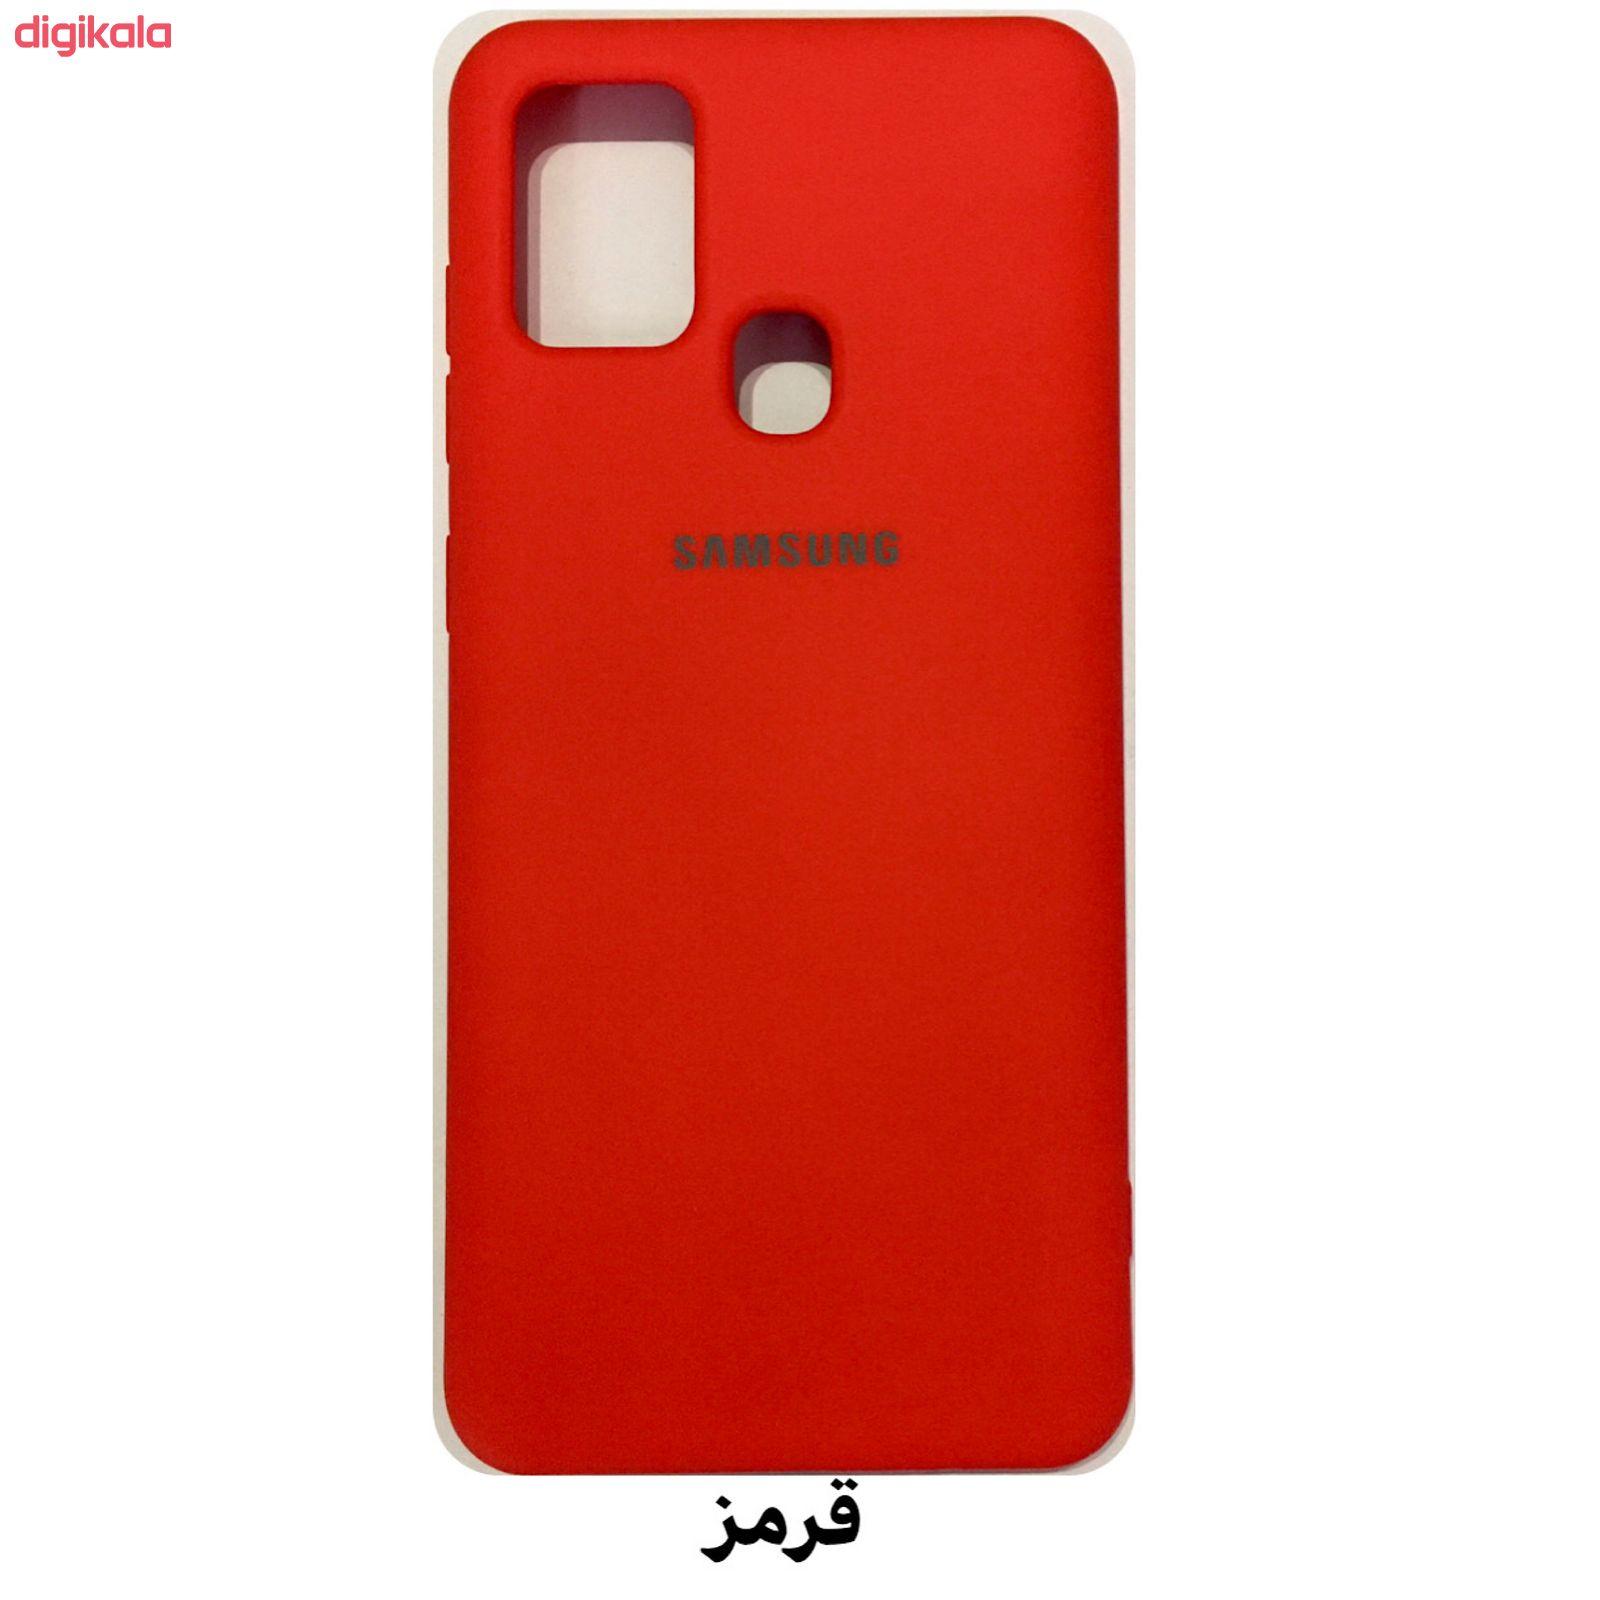 کاور مدل Sil-0021s مناسب برای گوشی موبایل سامسونگ Galaxy A21s main 1 3